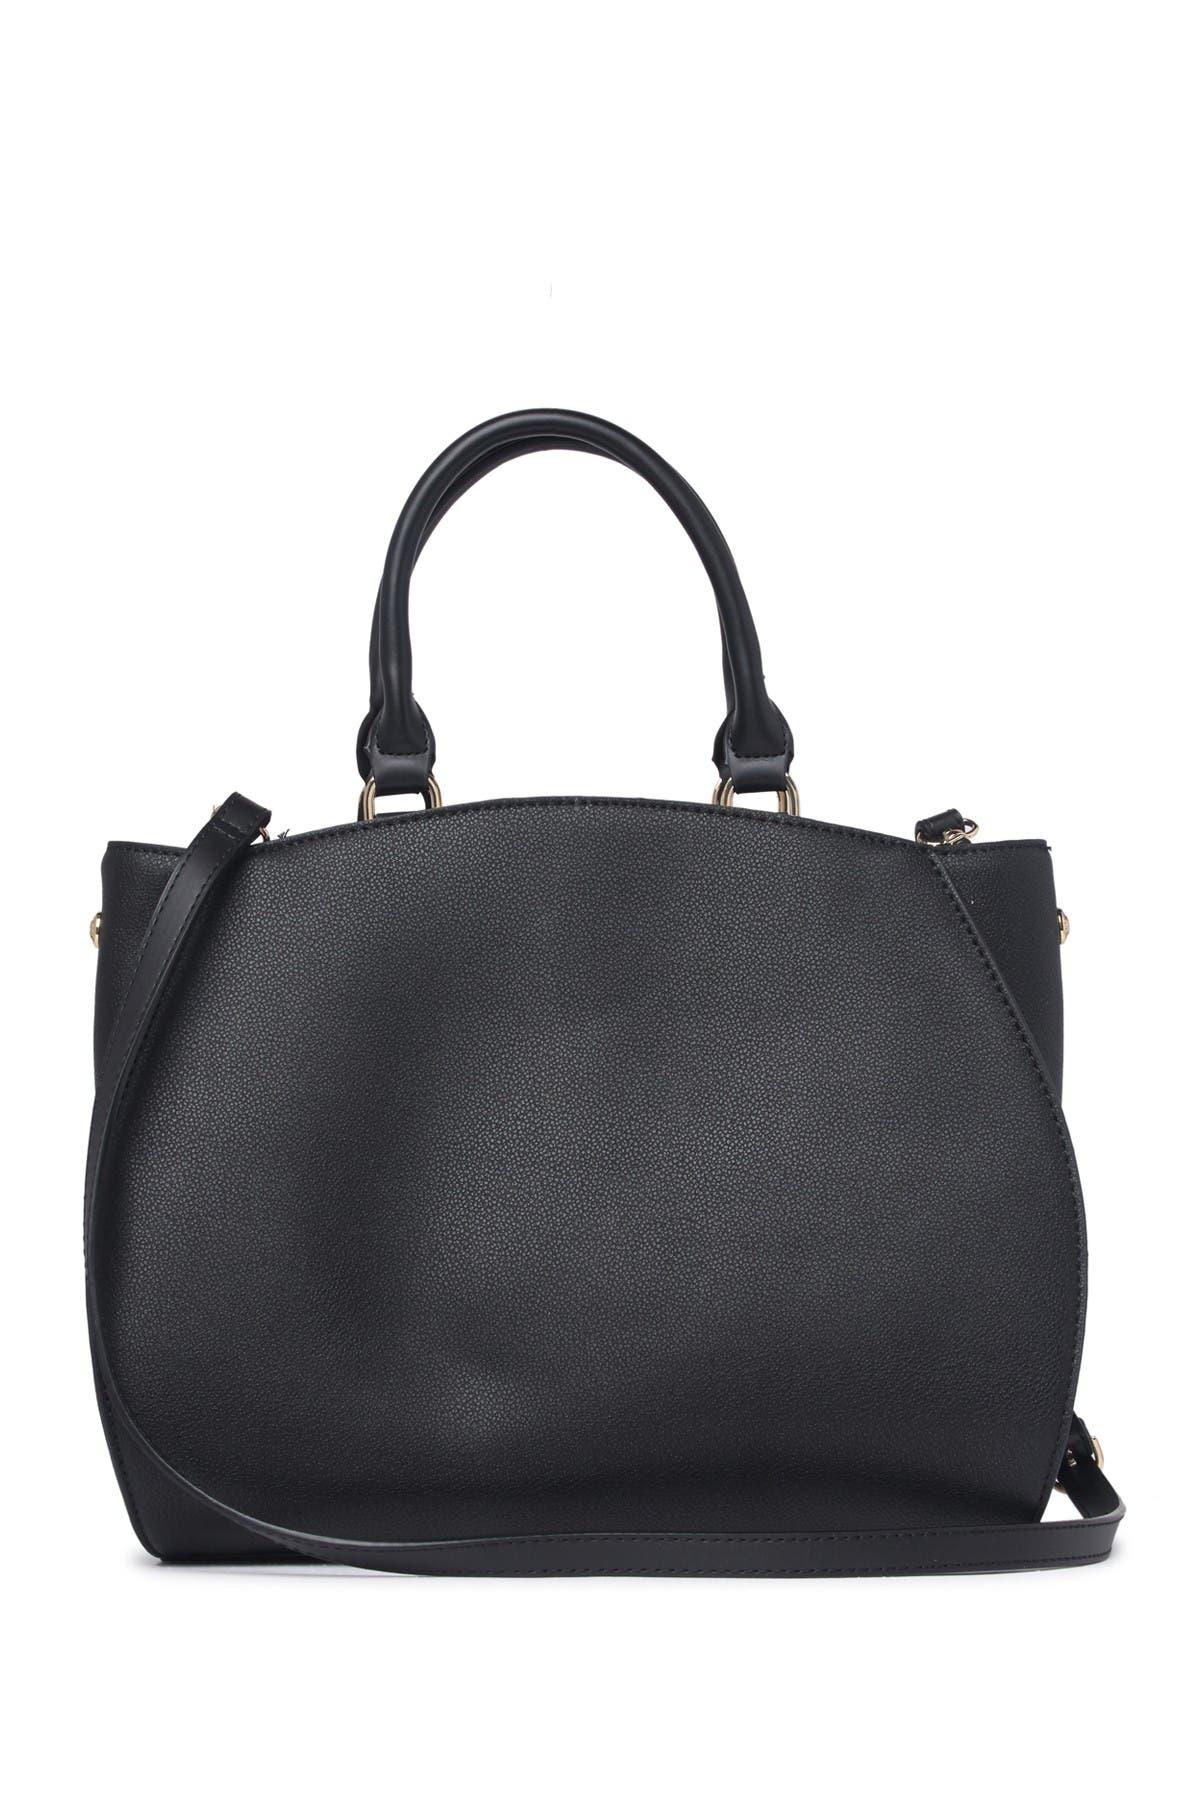 Image of Fiorelli Demi Embossed Satchel Bag